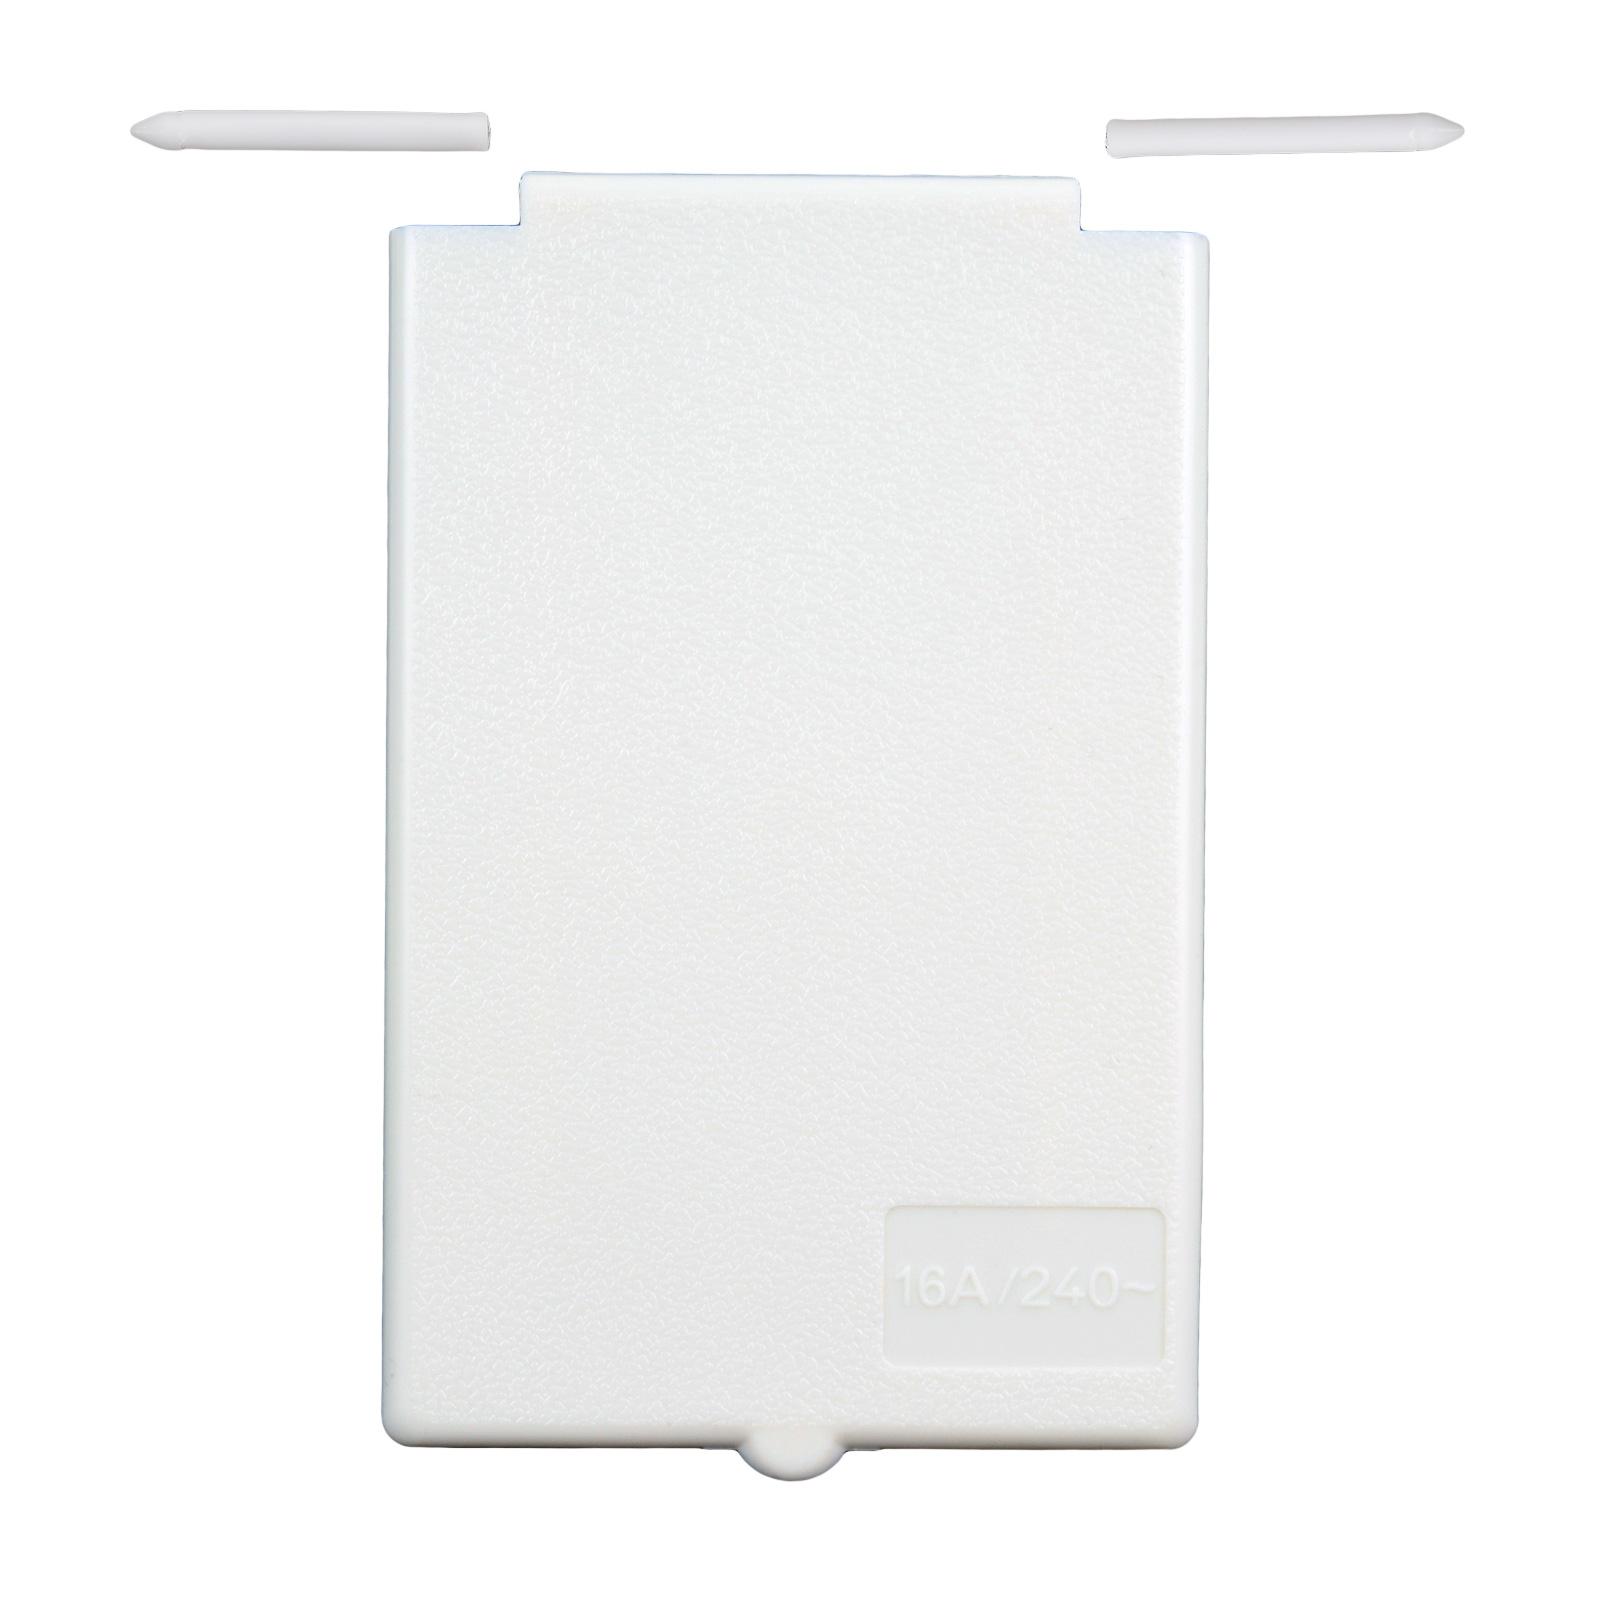 Deckel für CEE Aussensteckdosen | weiß | Spritzwasser geschützt | Ersatzdeckel